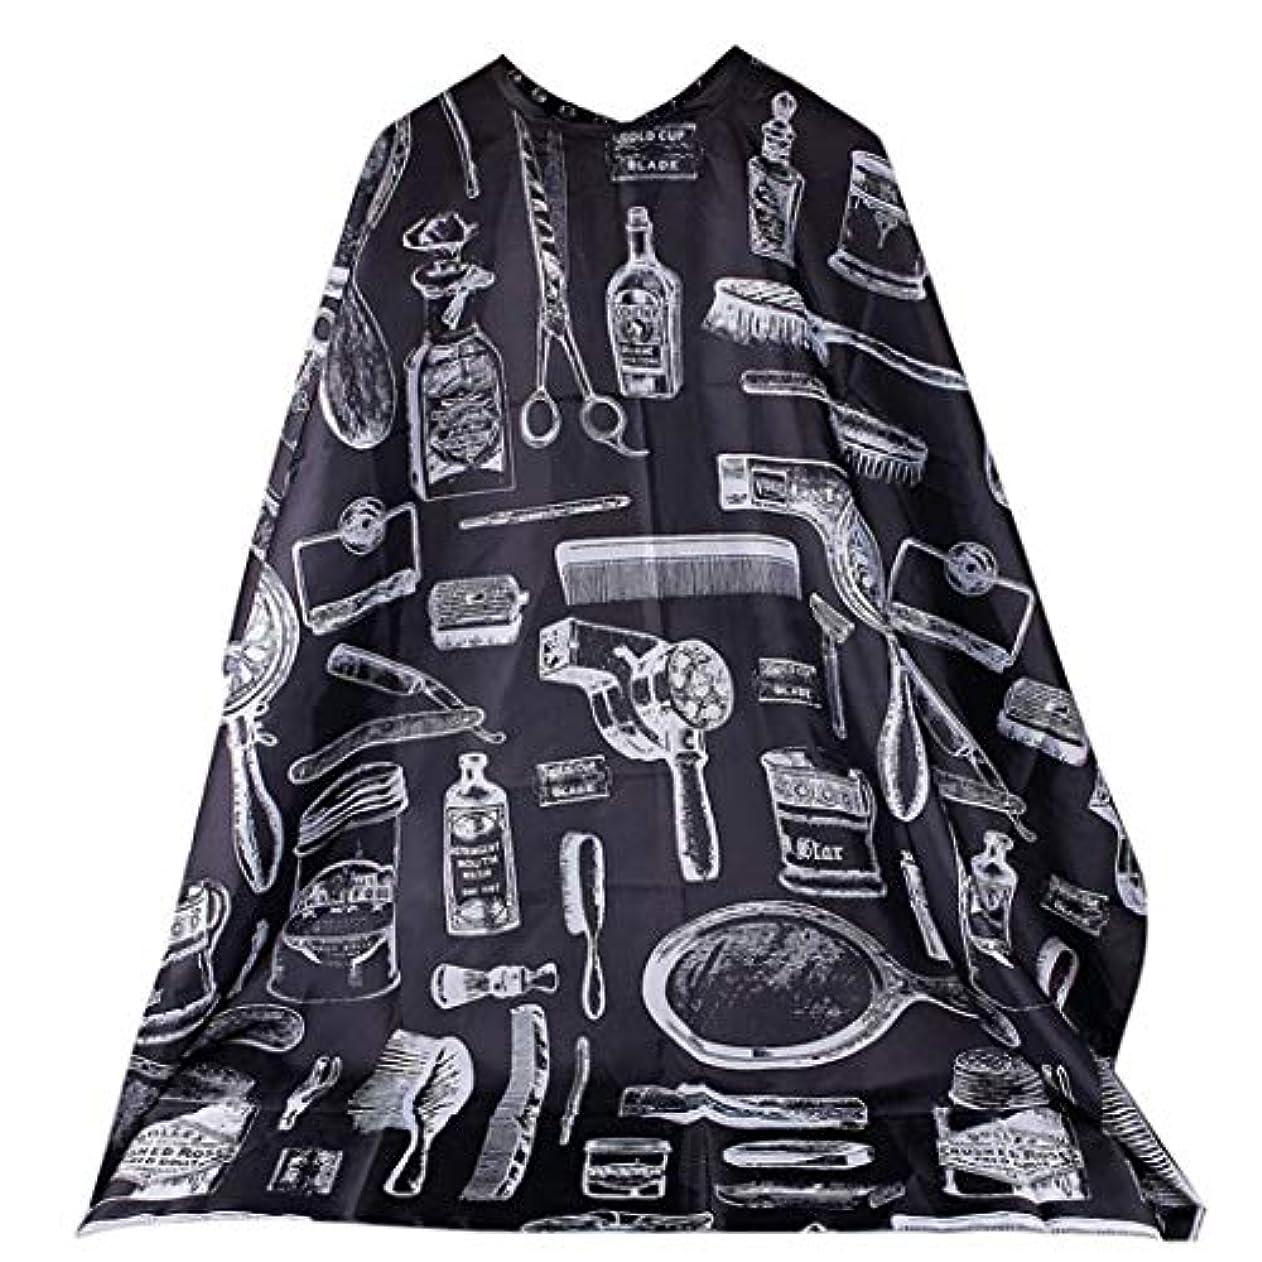 マガジン高揚したかび臭いPichidr-JP 理髪店や美容室(パターンと黒)、58.27